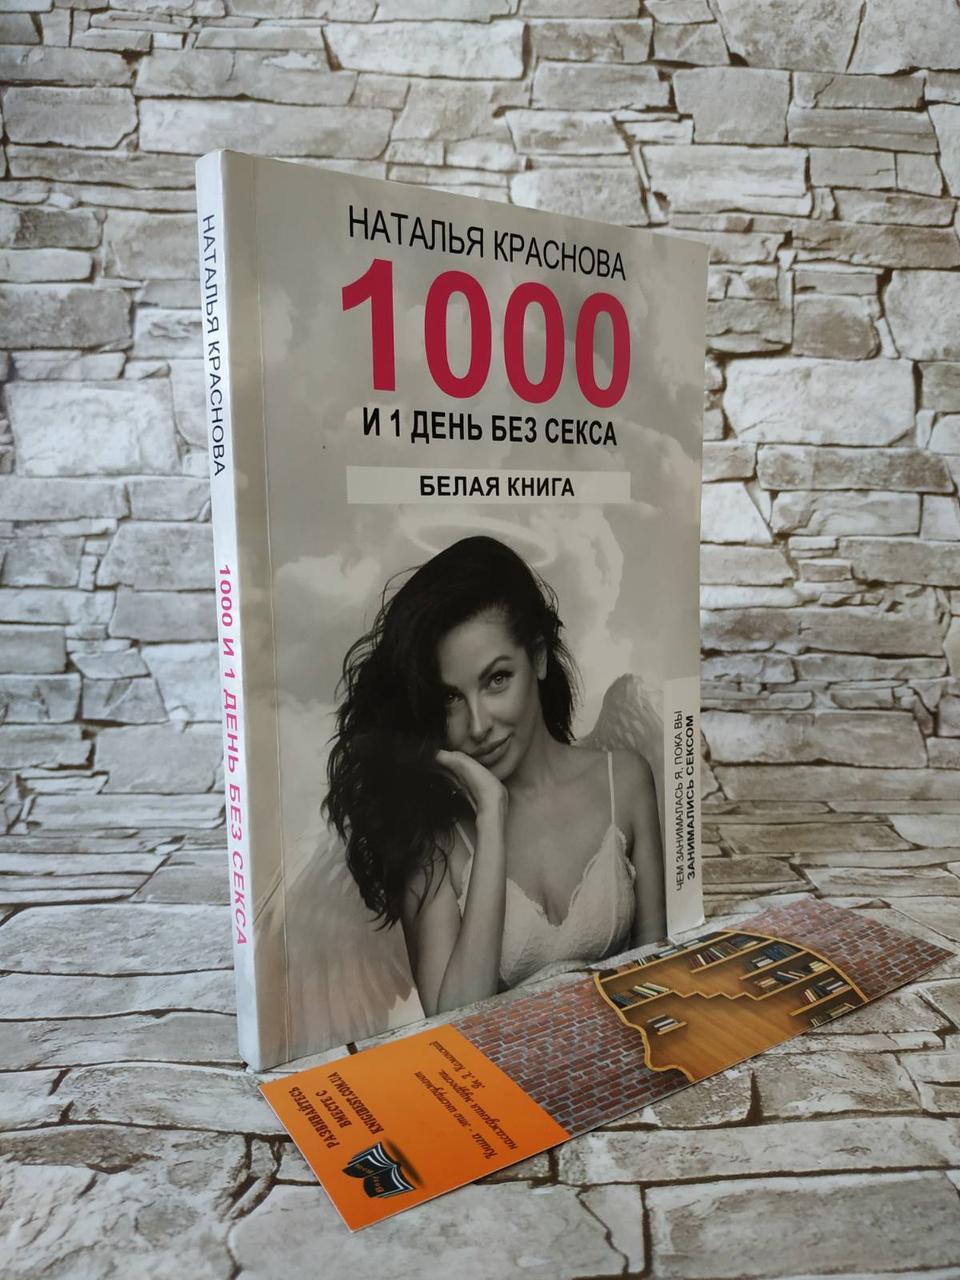 """Книга """"1000 и 1 день без секса. Белая книга"""" Наталья Краснова"""